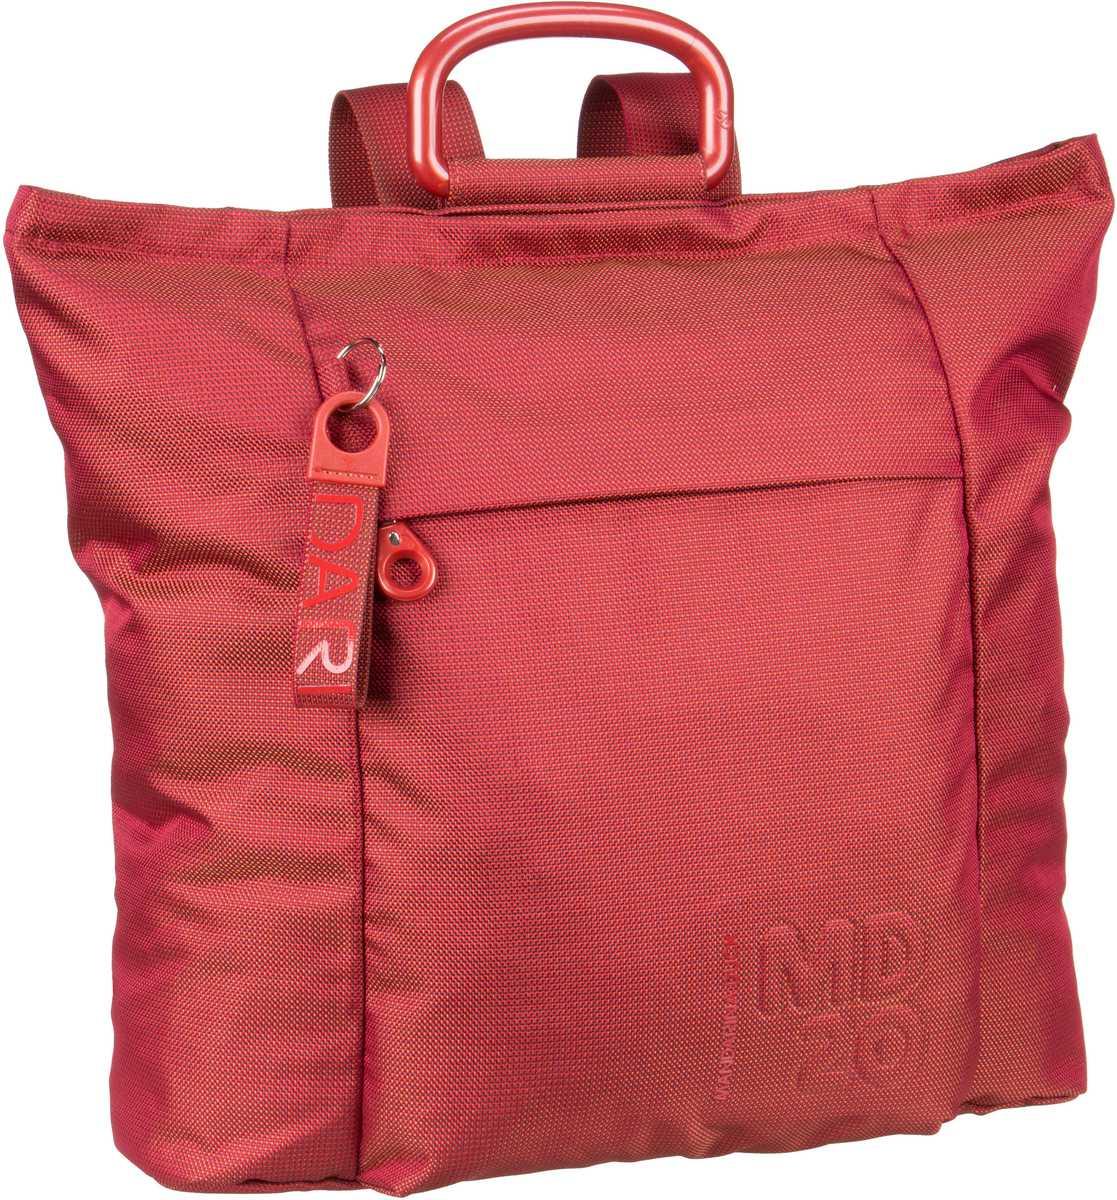 Rucksaecke für Frauen - Mandarina Duck Rucksack Daypack MD20 Backpack QMT02 Tomato  - Onlineshop Taschenkaufhaus